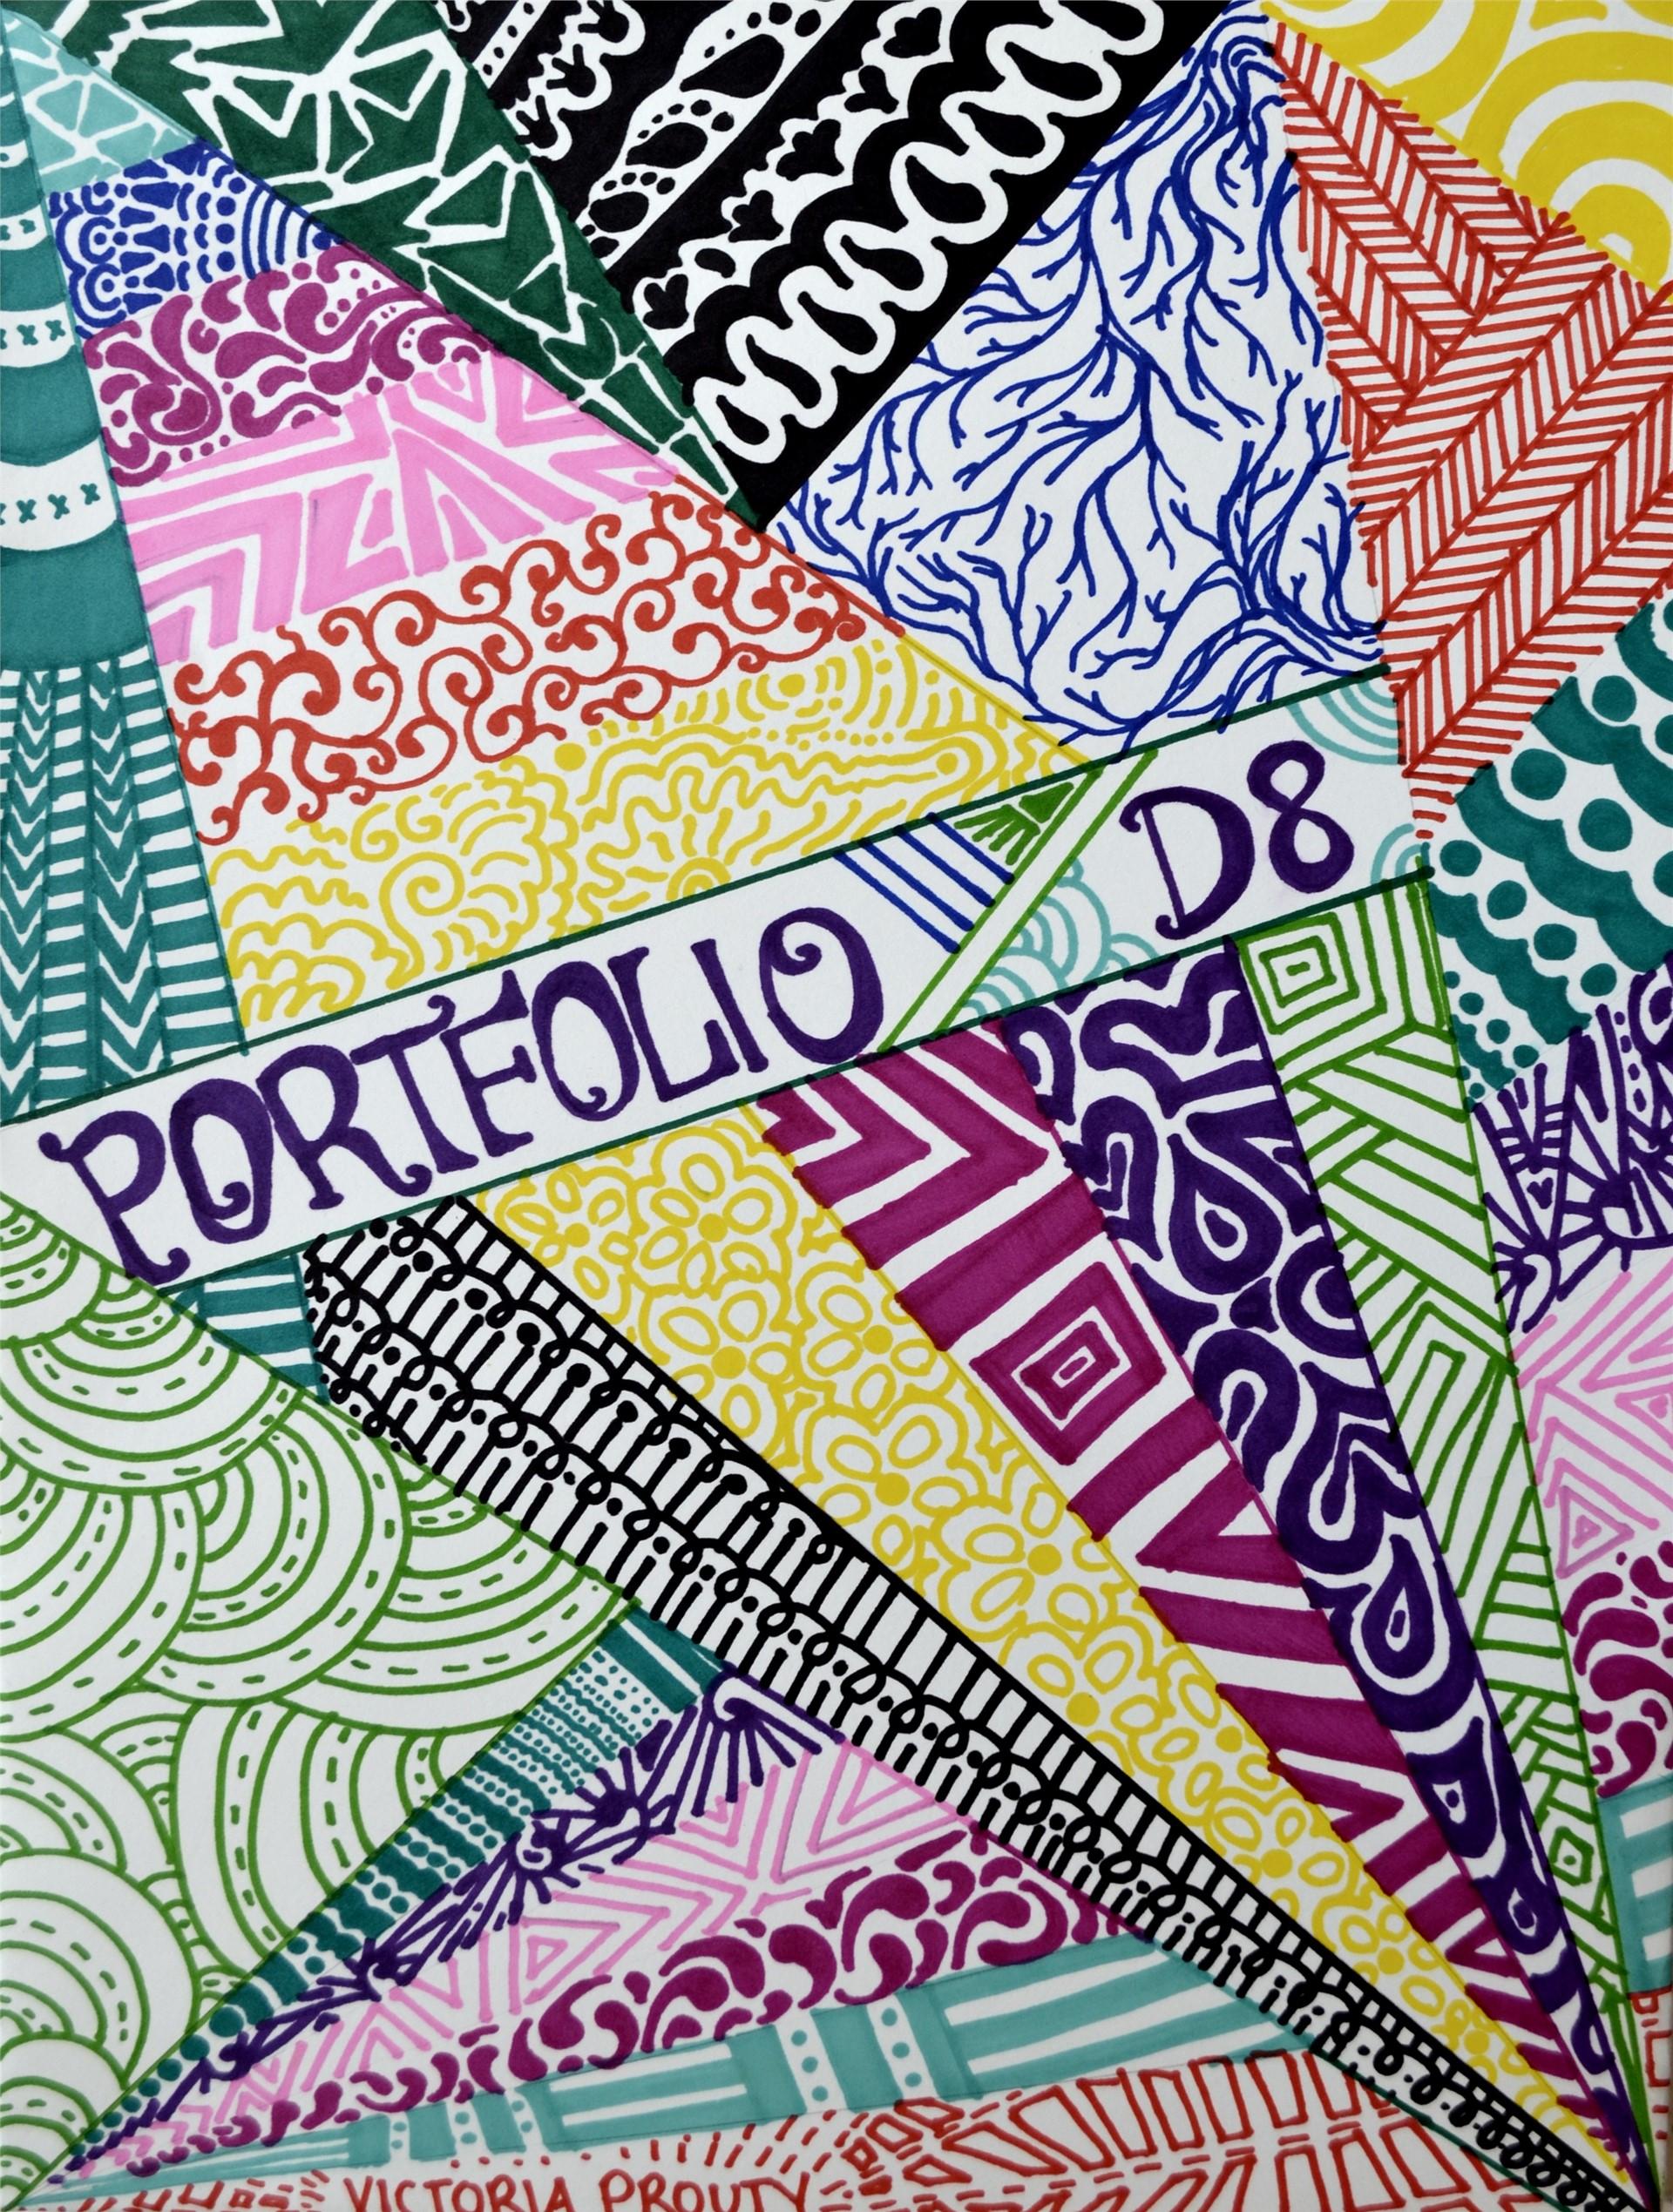 VICTORIA PROUTY, Portfolio Design, ink on tag, 14 x 11, 2015